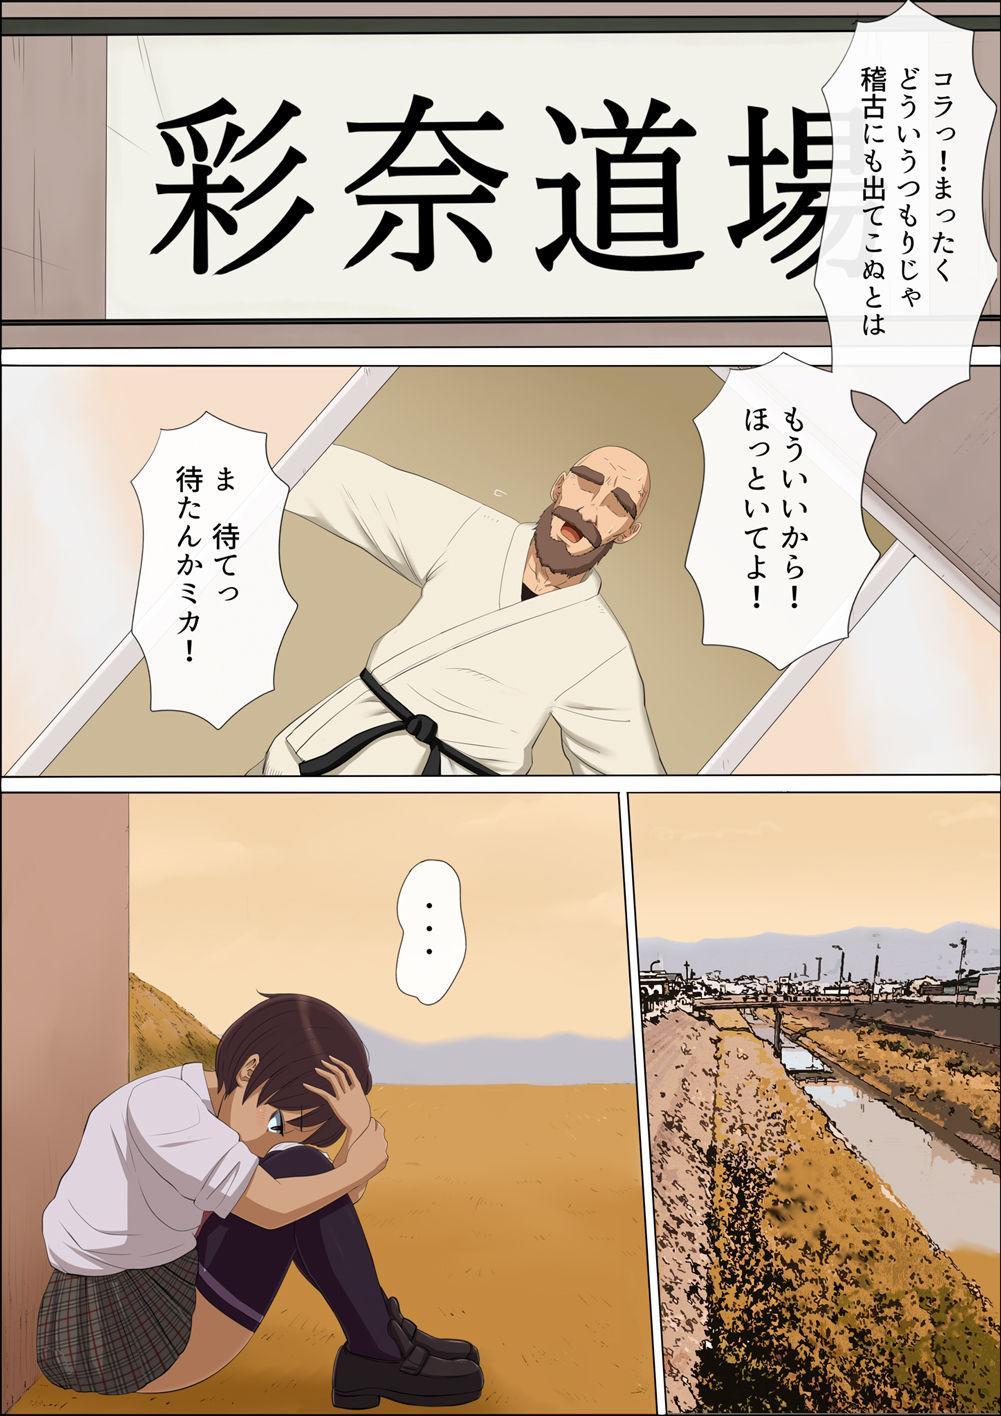 Sonokoro, Anoko wa... 3 1